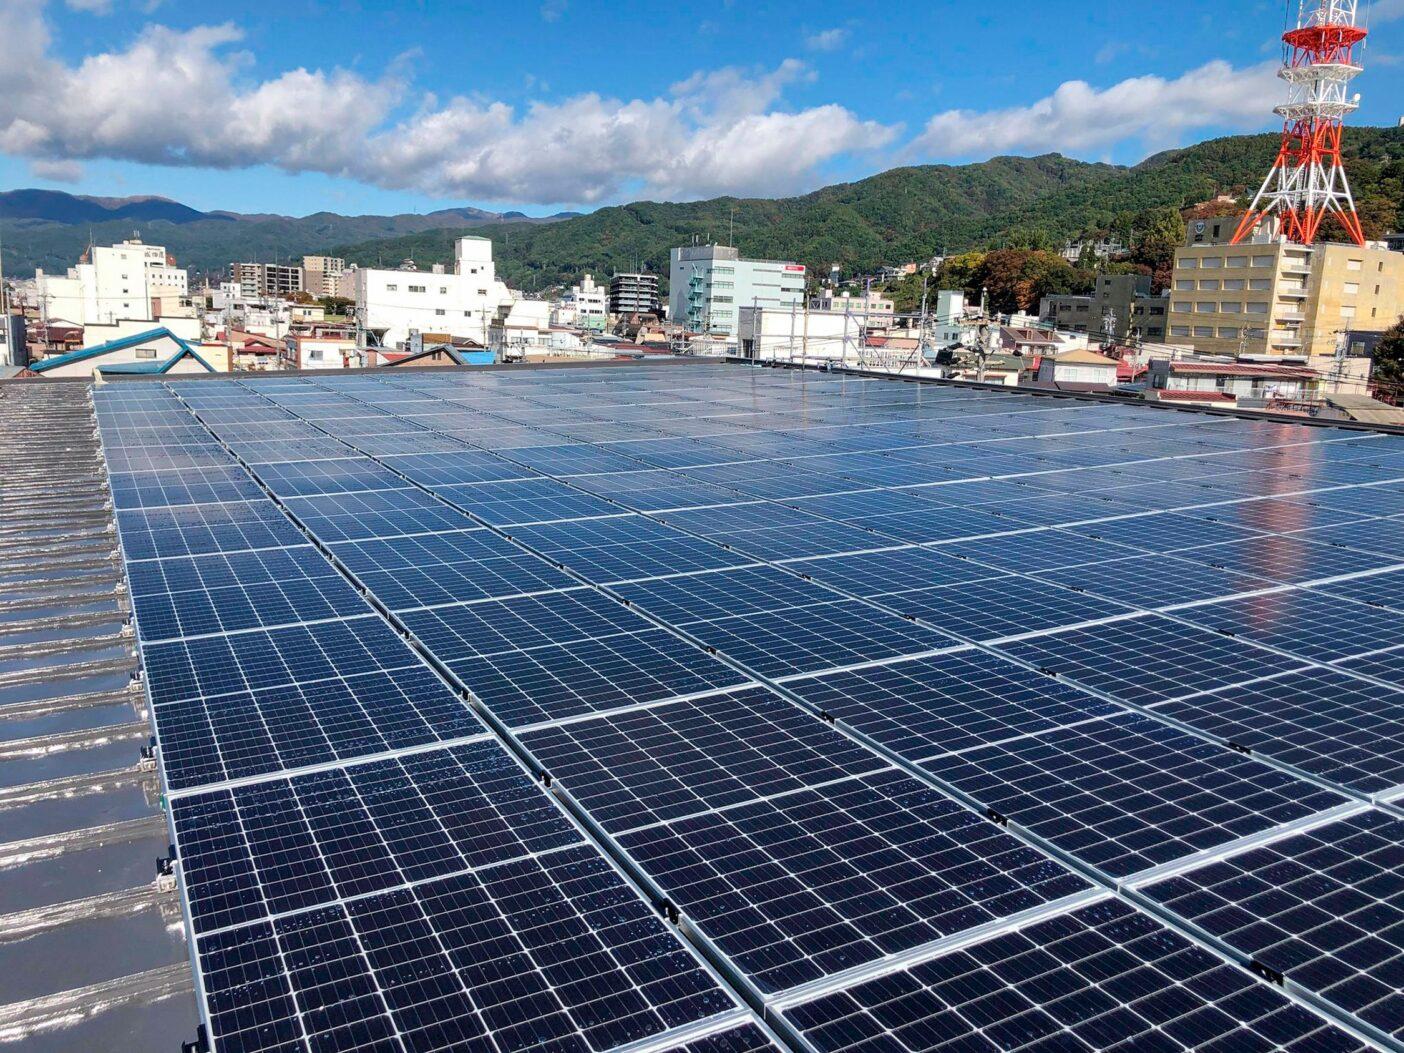 日本で最も日照条件の良い都市の1つである長野県上田市では、屋根、太陽エネルギー、売電収入を組み合わせるという1人の女性のアイデアから、市民主導の発電事業「相乗りくん」が生まれ、2021年1月現在、共有システムに合計約830キロワット分の電力を普及させました。写真は長野県諏訪市街の様子。写真:リビルディングセンタージャパン提供